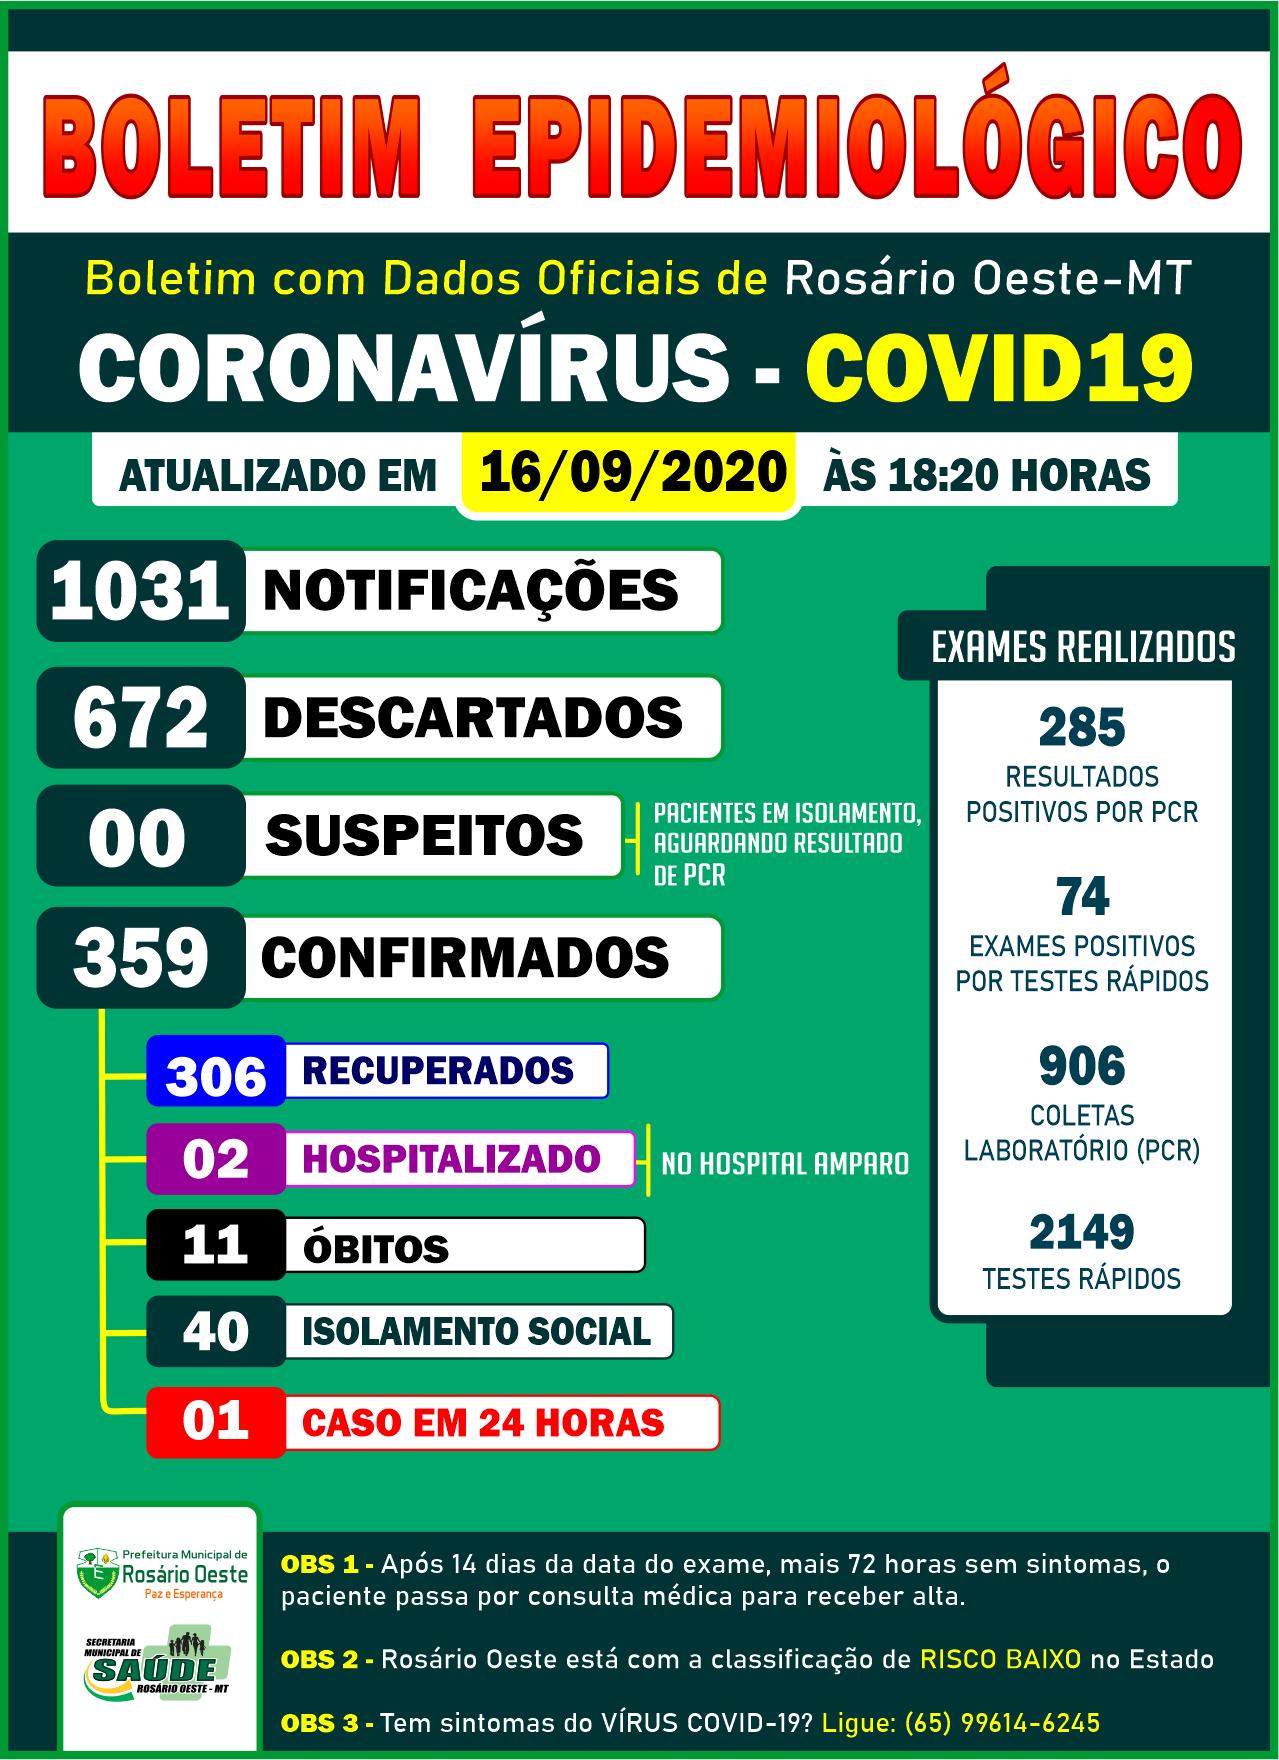 Rosário Oeste registrou mais um caso de Covid19 nas últimas 24 horas